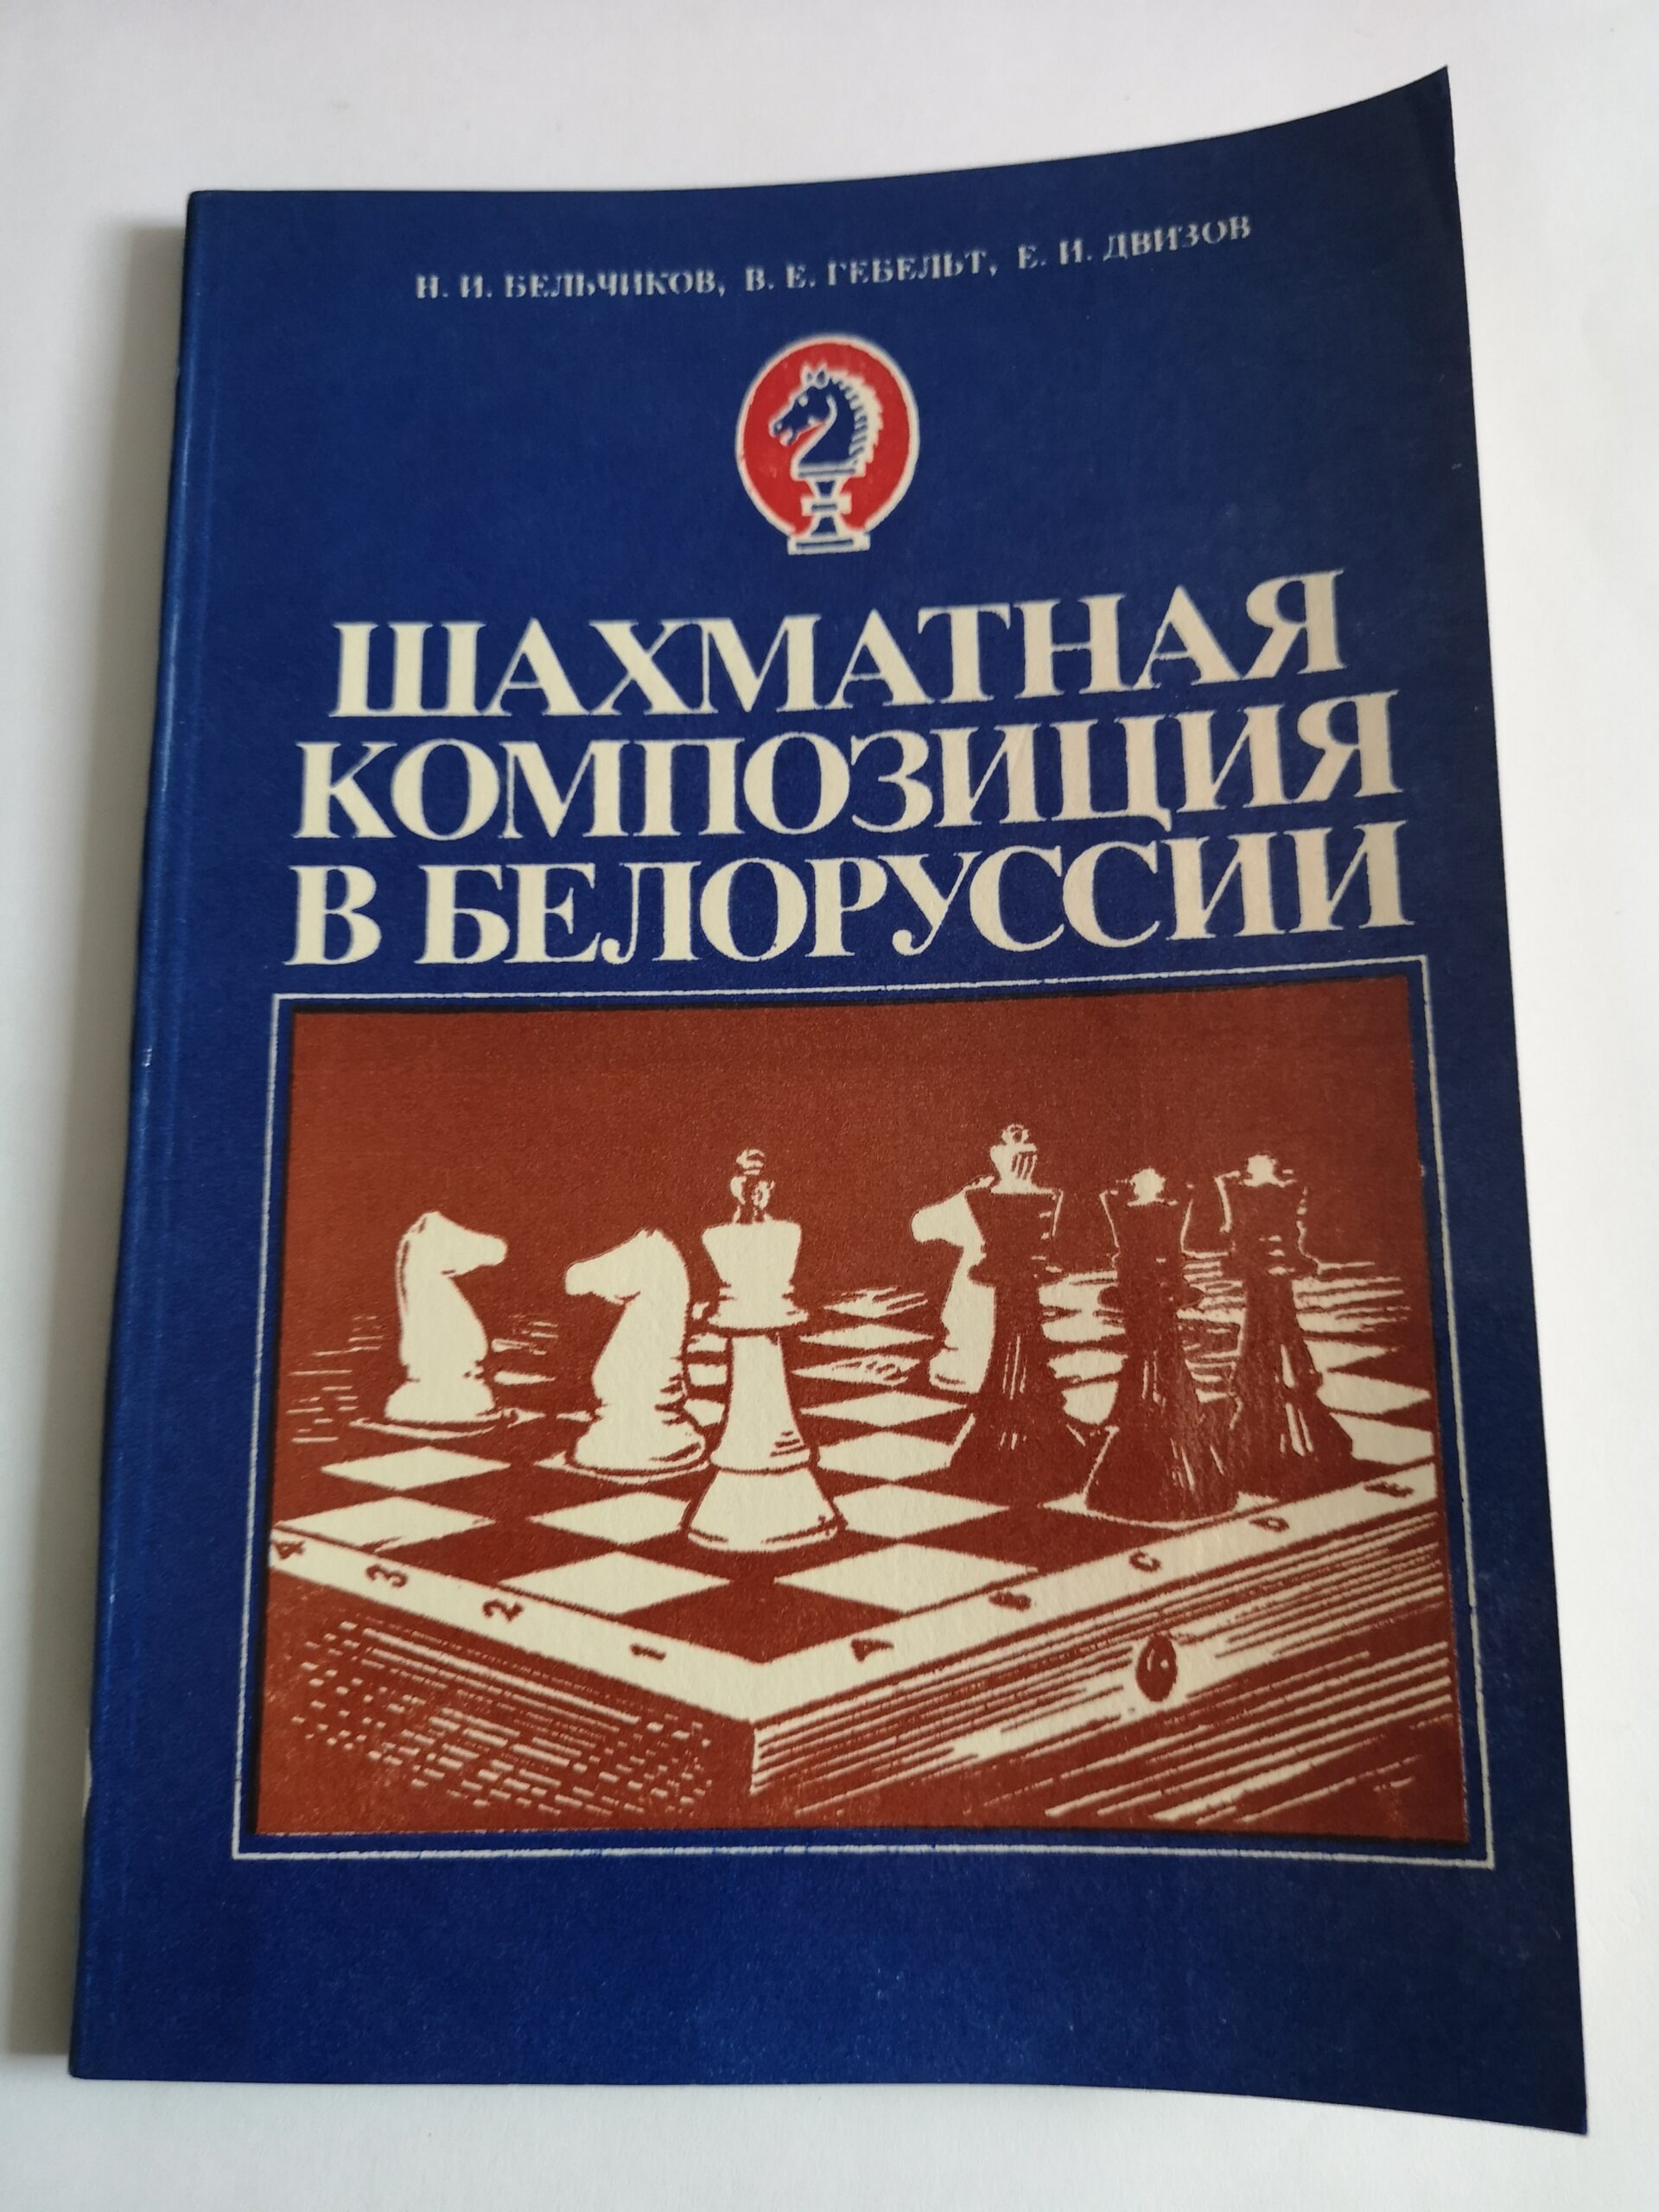 237# Kompozycja szachowa na Białorusi (Bielczikow, Gebelt, Dwizow)